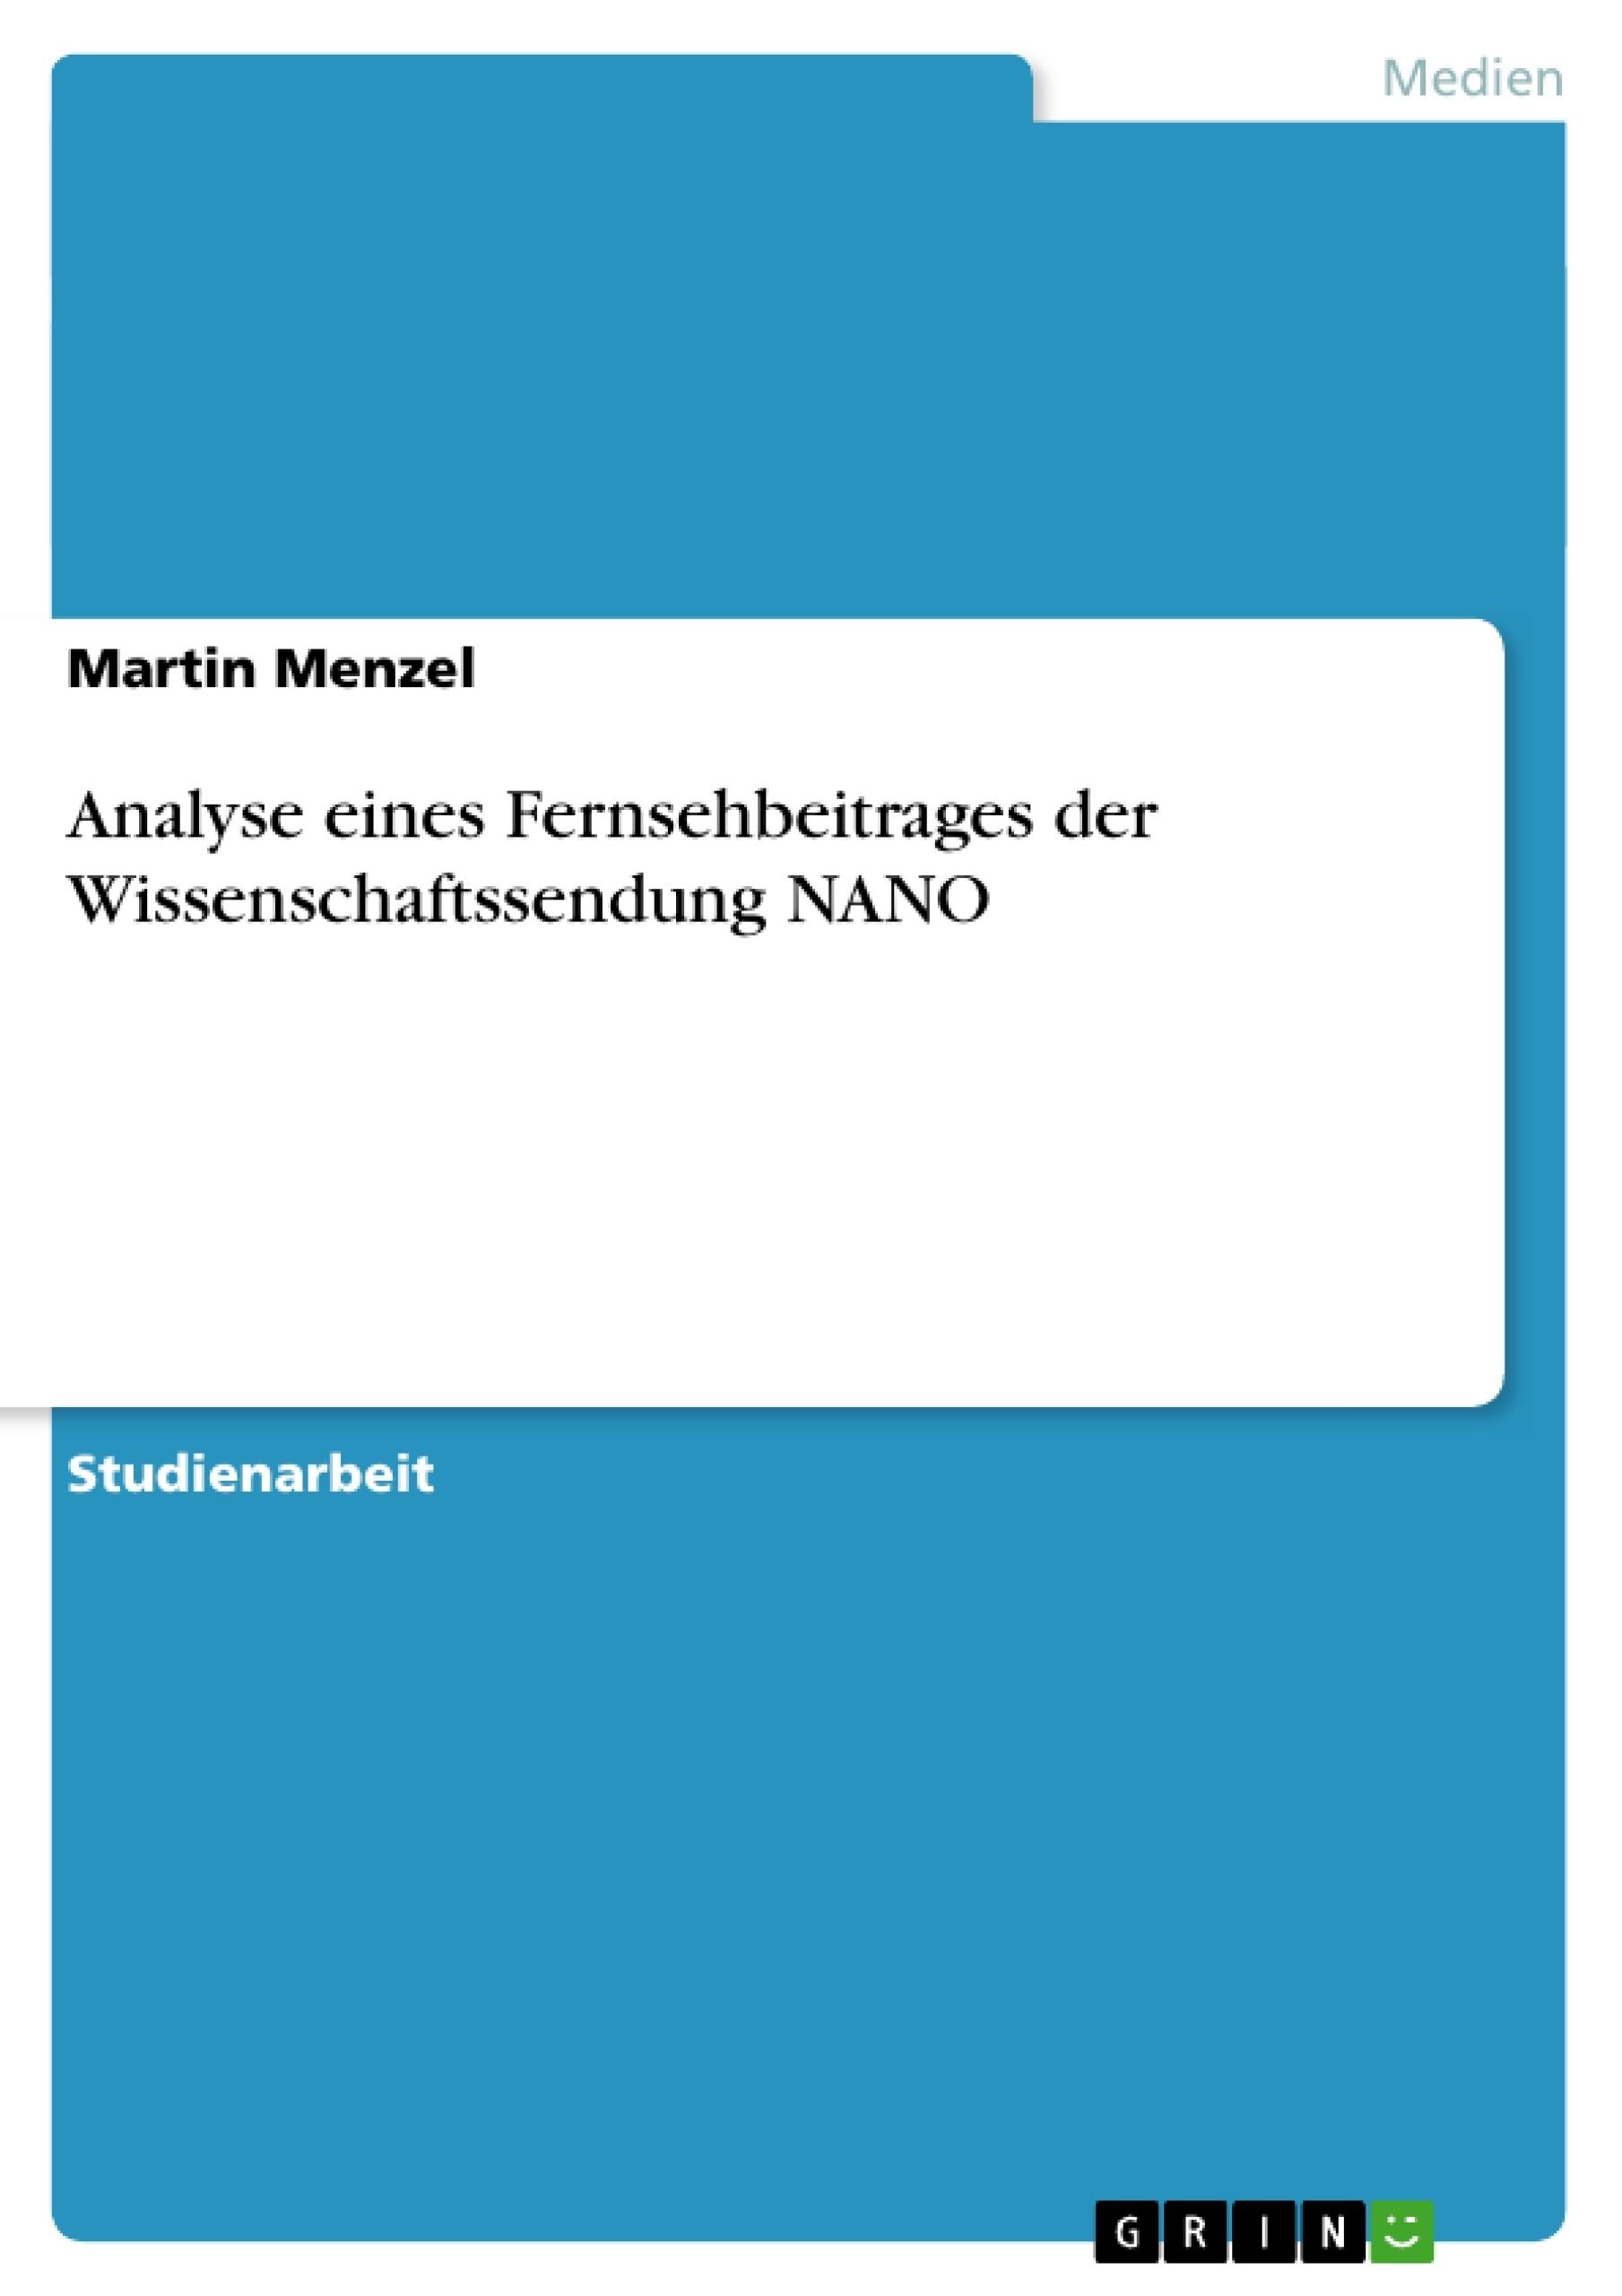 Titel: Analyse eines Fernsehbeitrages der Wissenschaftssendung NANO